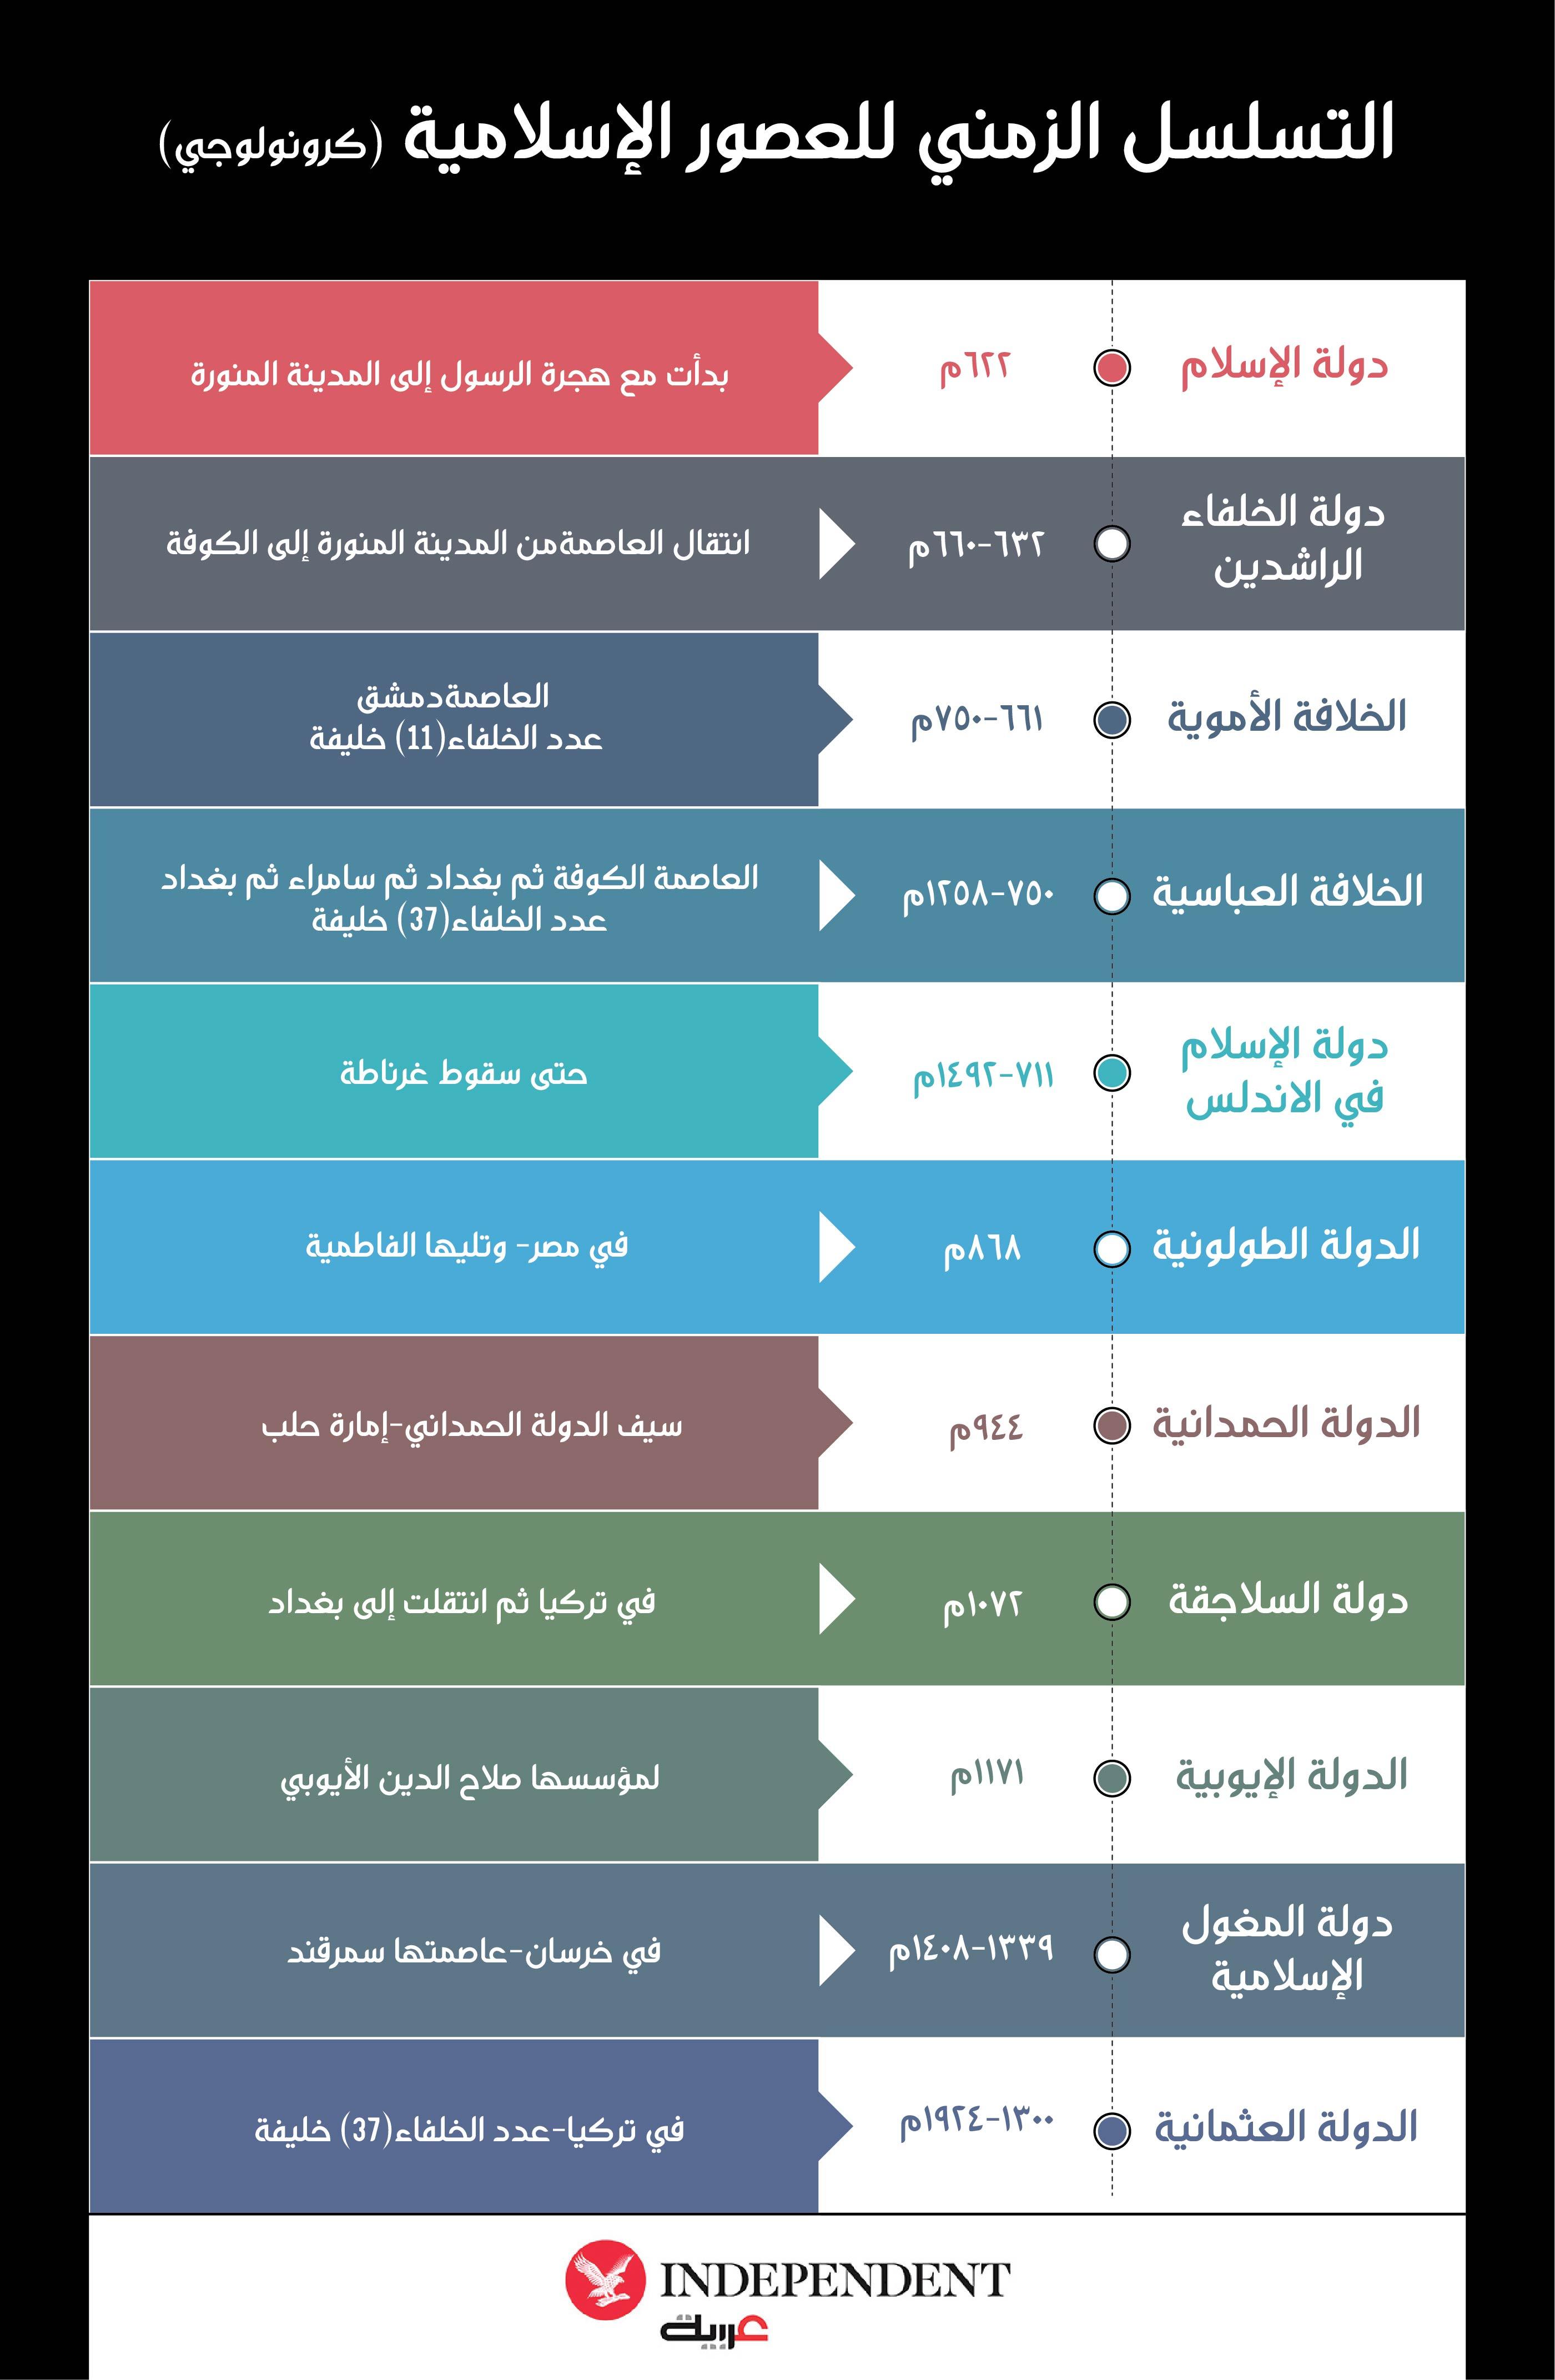 التسلسل الزمني للعصور الإسلامية-تصميم نيرمين علي.jpg